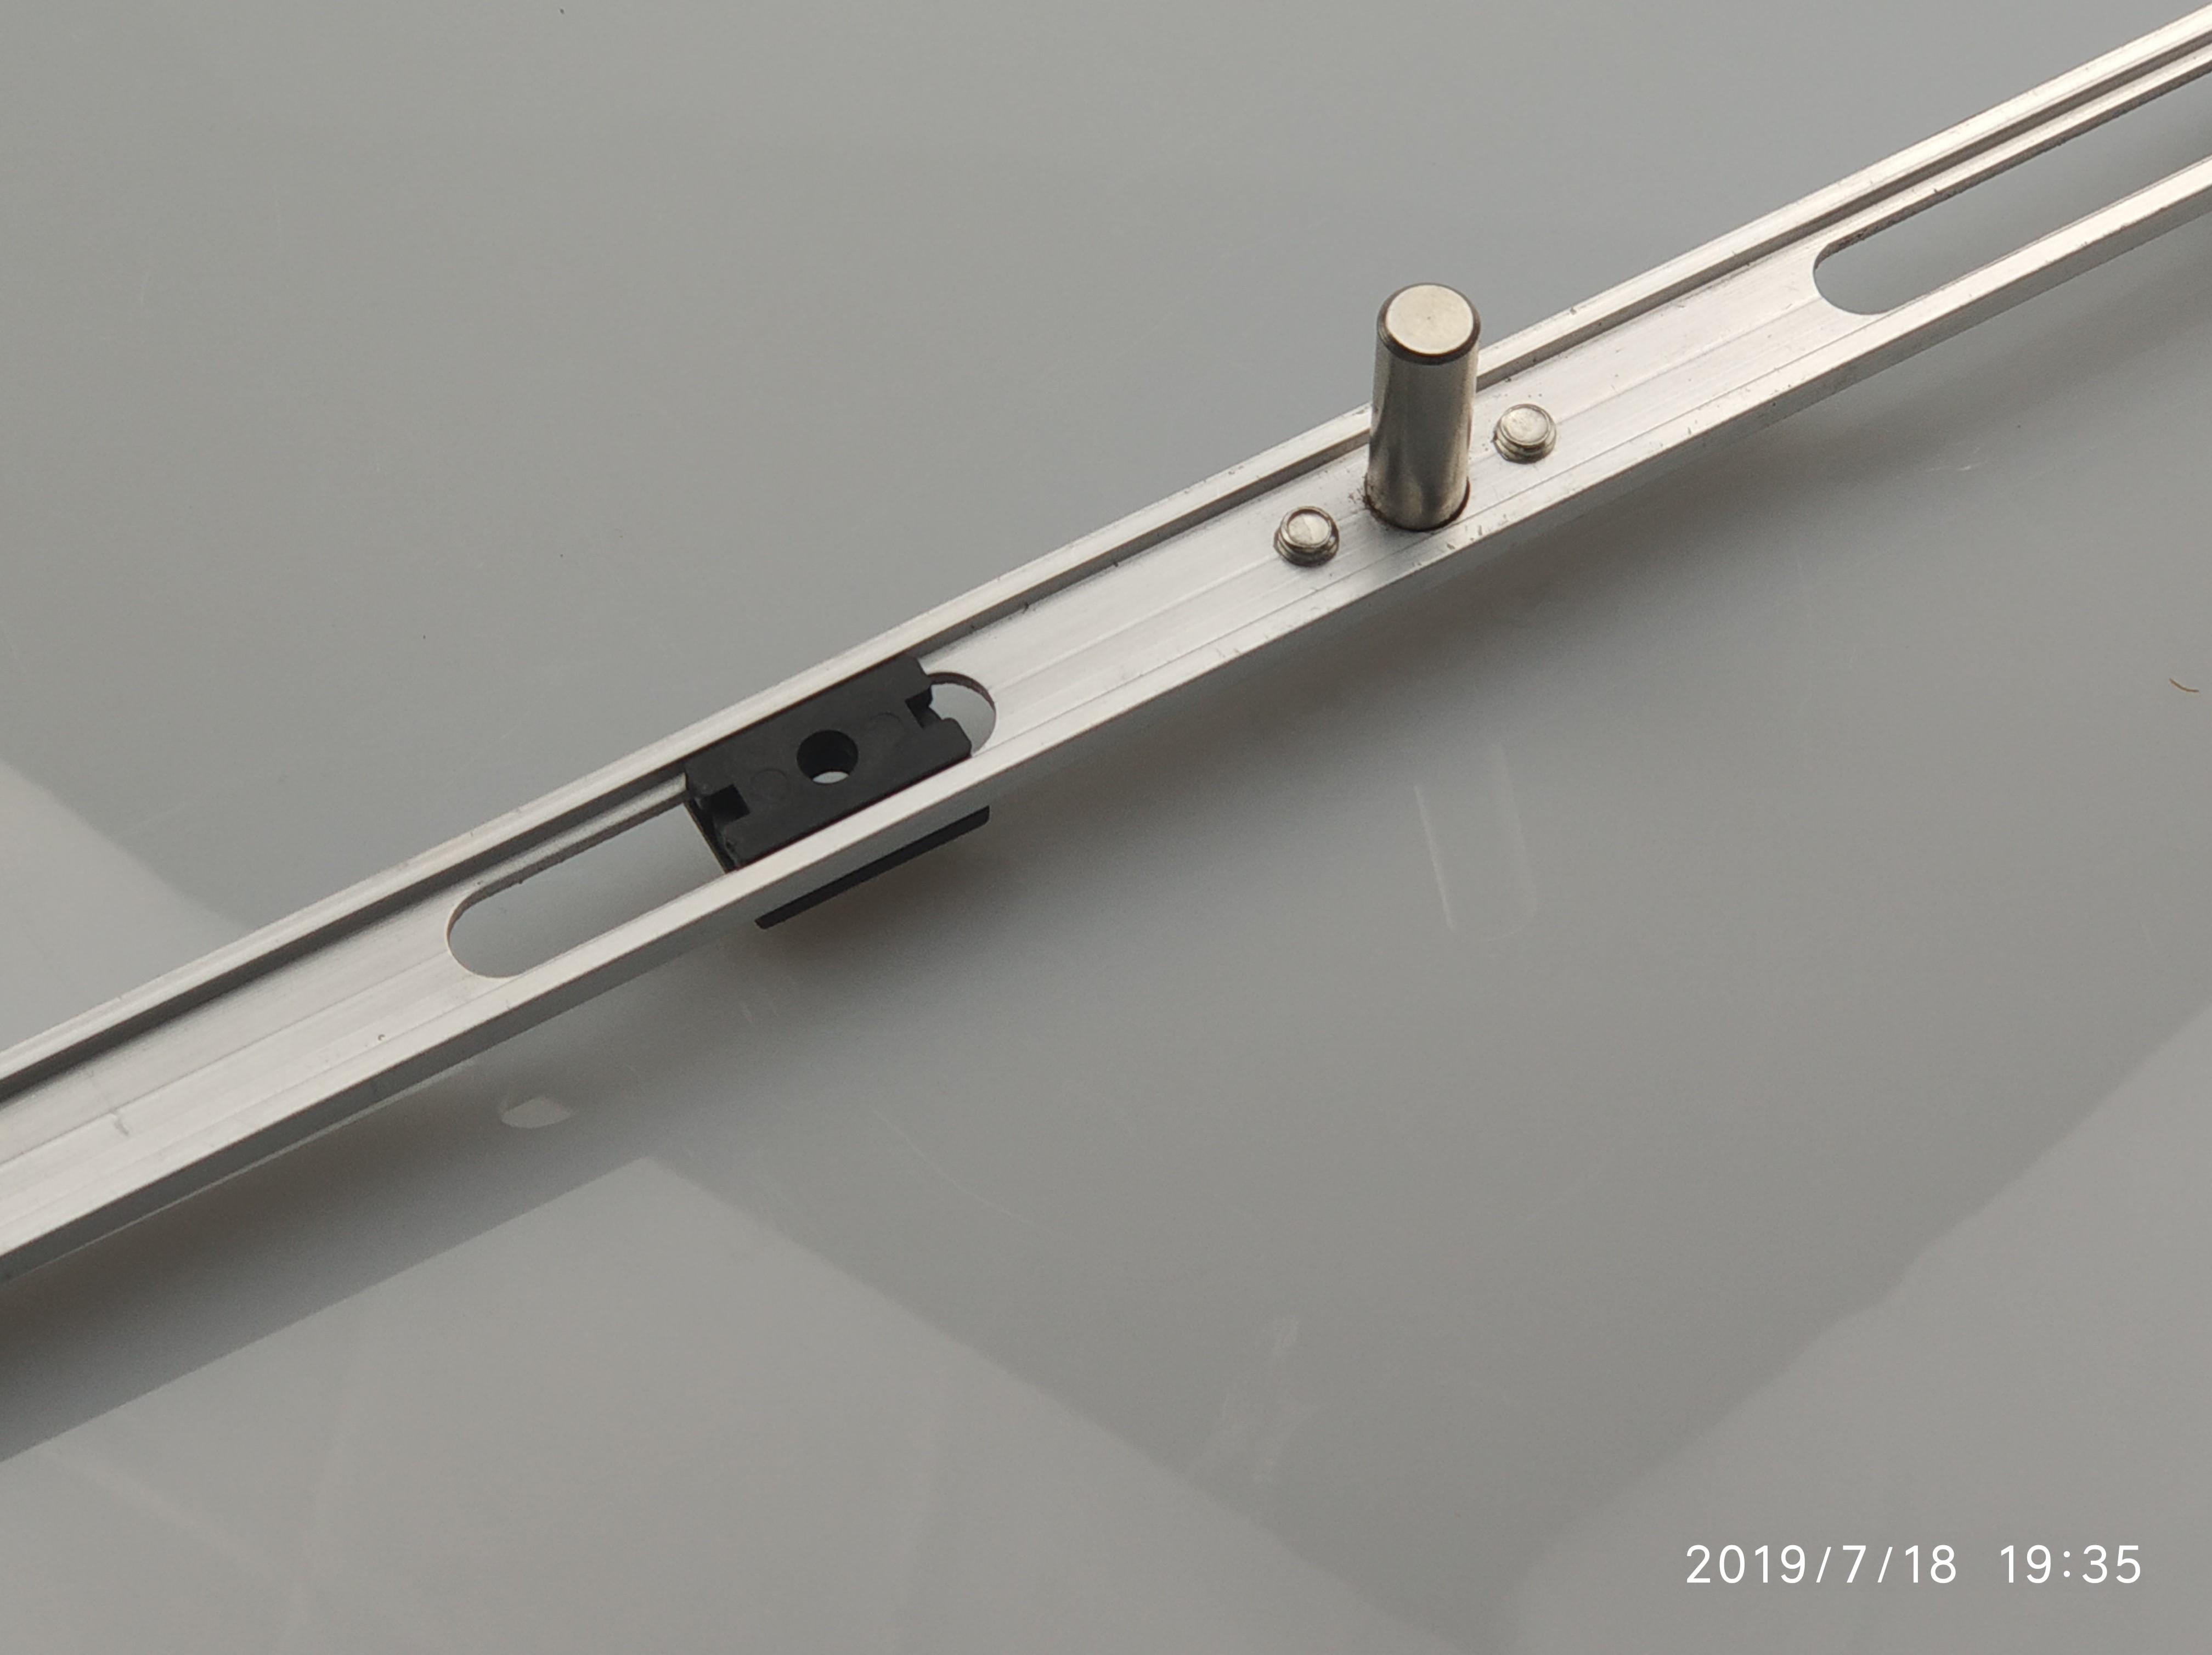 (铝型材)铝拉杆传动杆-厂家 供应商直销 P-003铝拉杆厂家